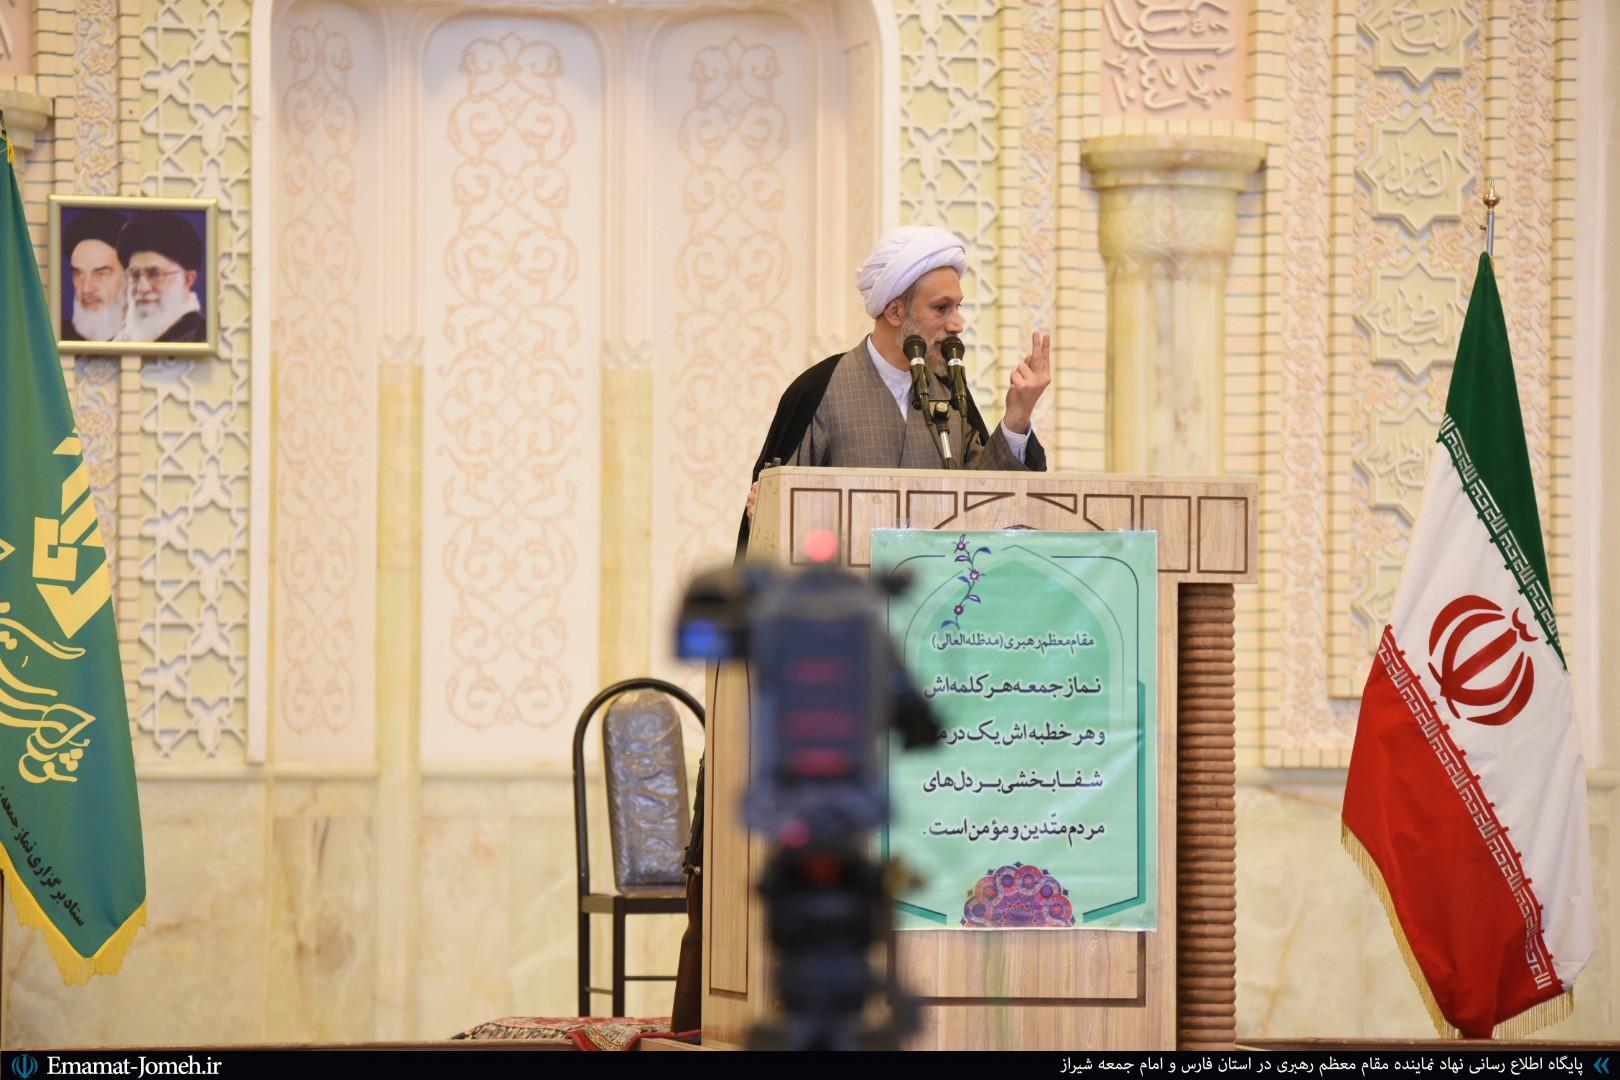 صوت نماز جمعه شیراز ۲۷ تیرماه ۹۹